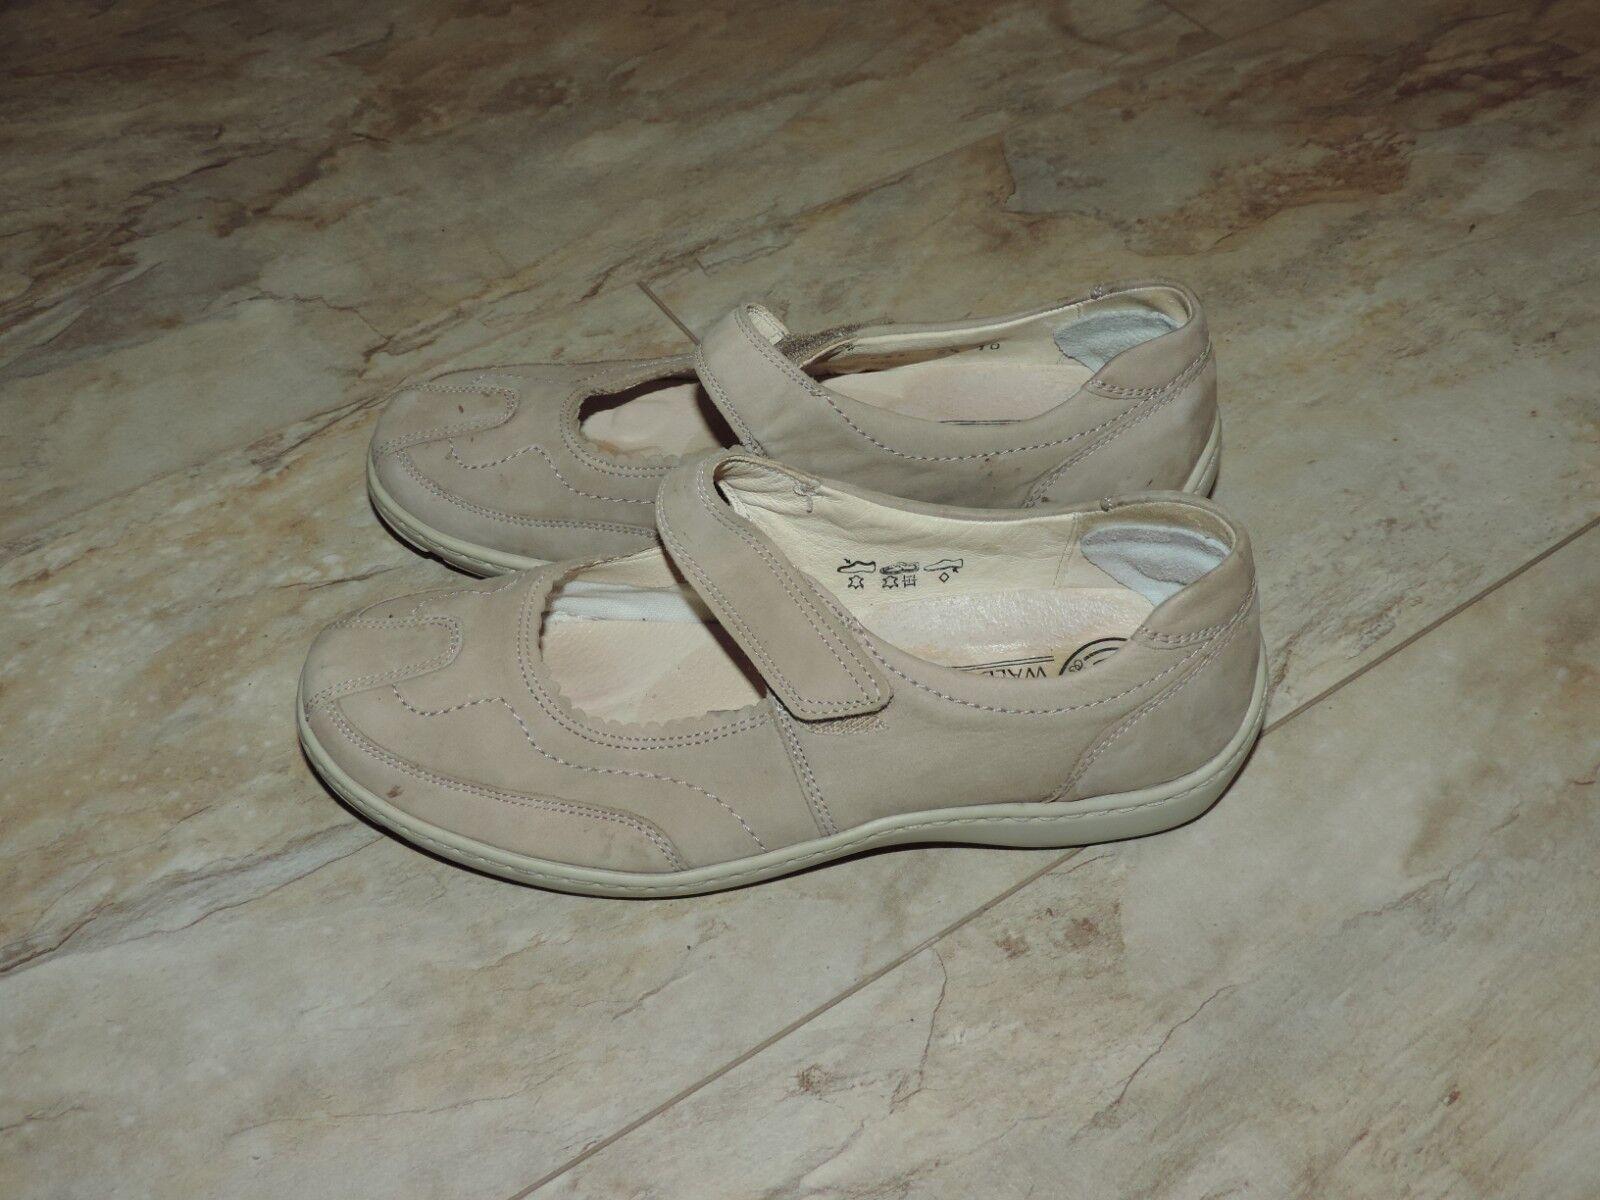 Waldläufer Ballerinas Damenschuhe Sneaker, Leder, 5,5 Gr. 5,5 Leder, 144541